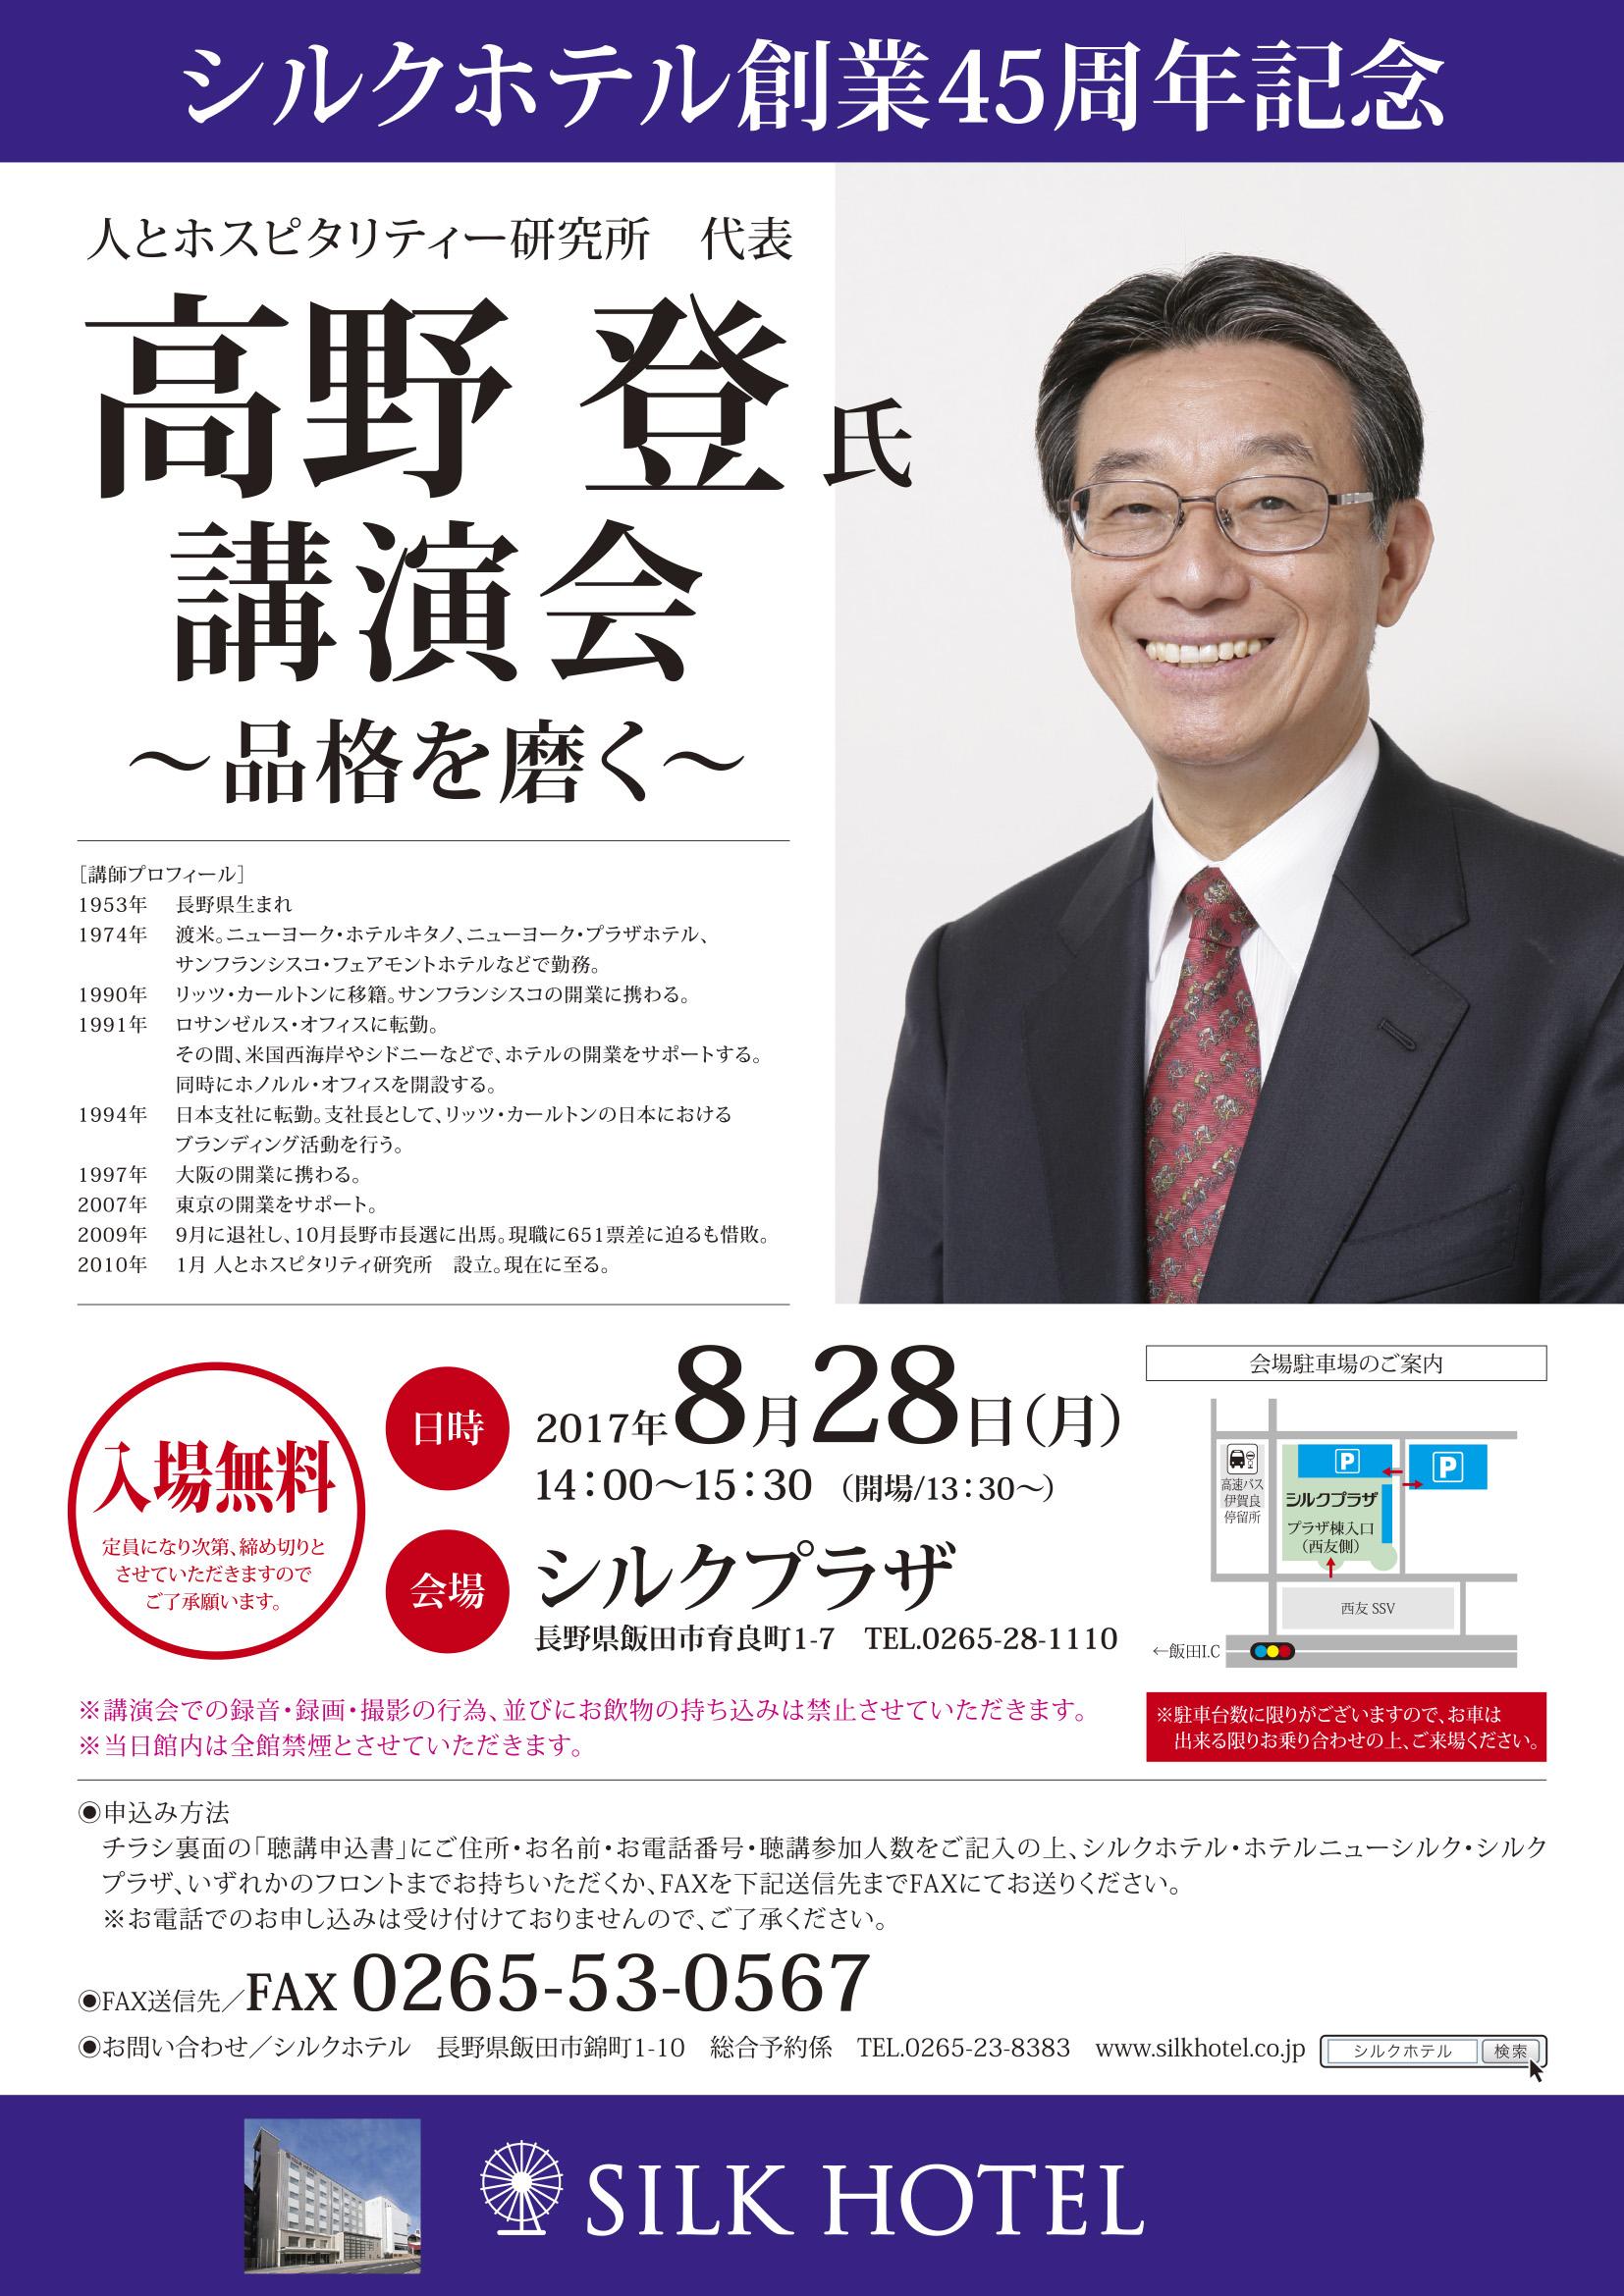 シルクホテル創業45周年記念「高野登氏」講演会